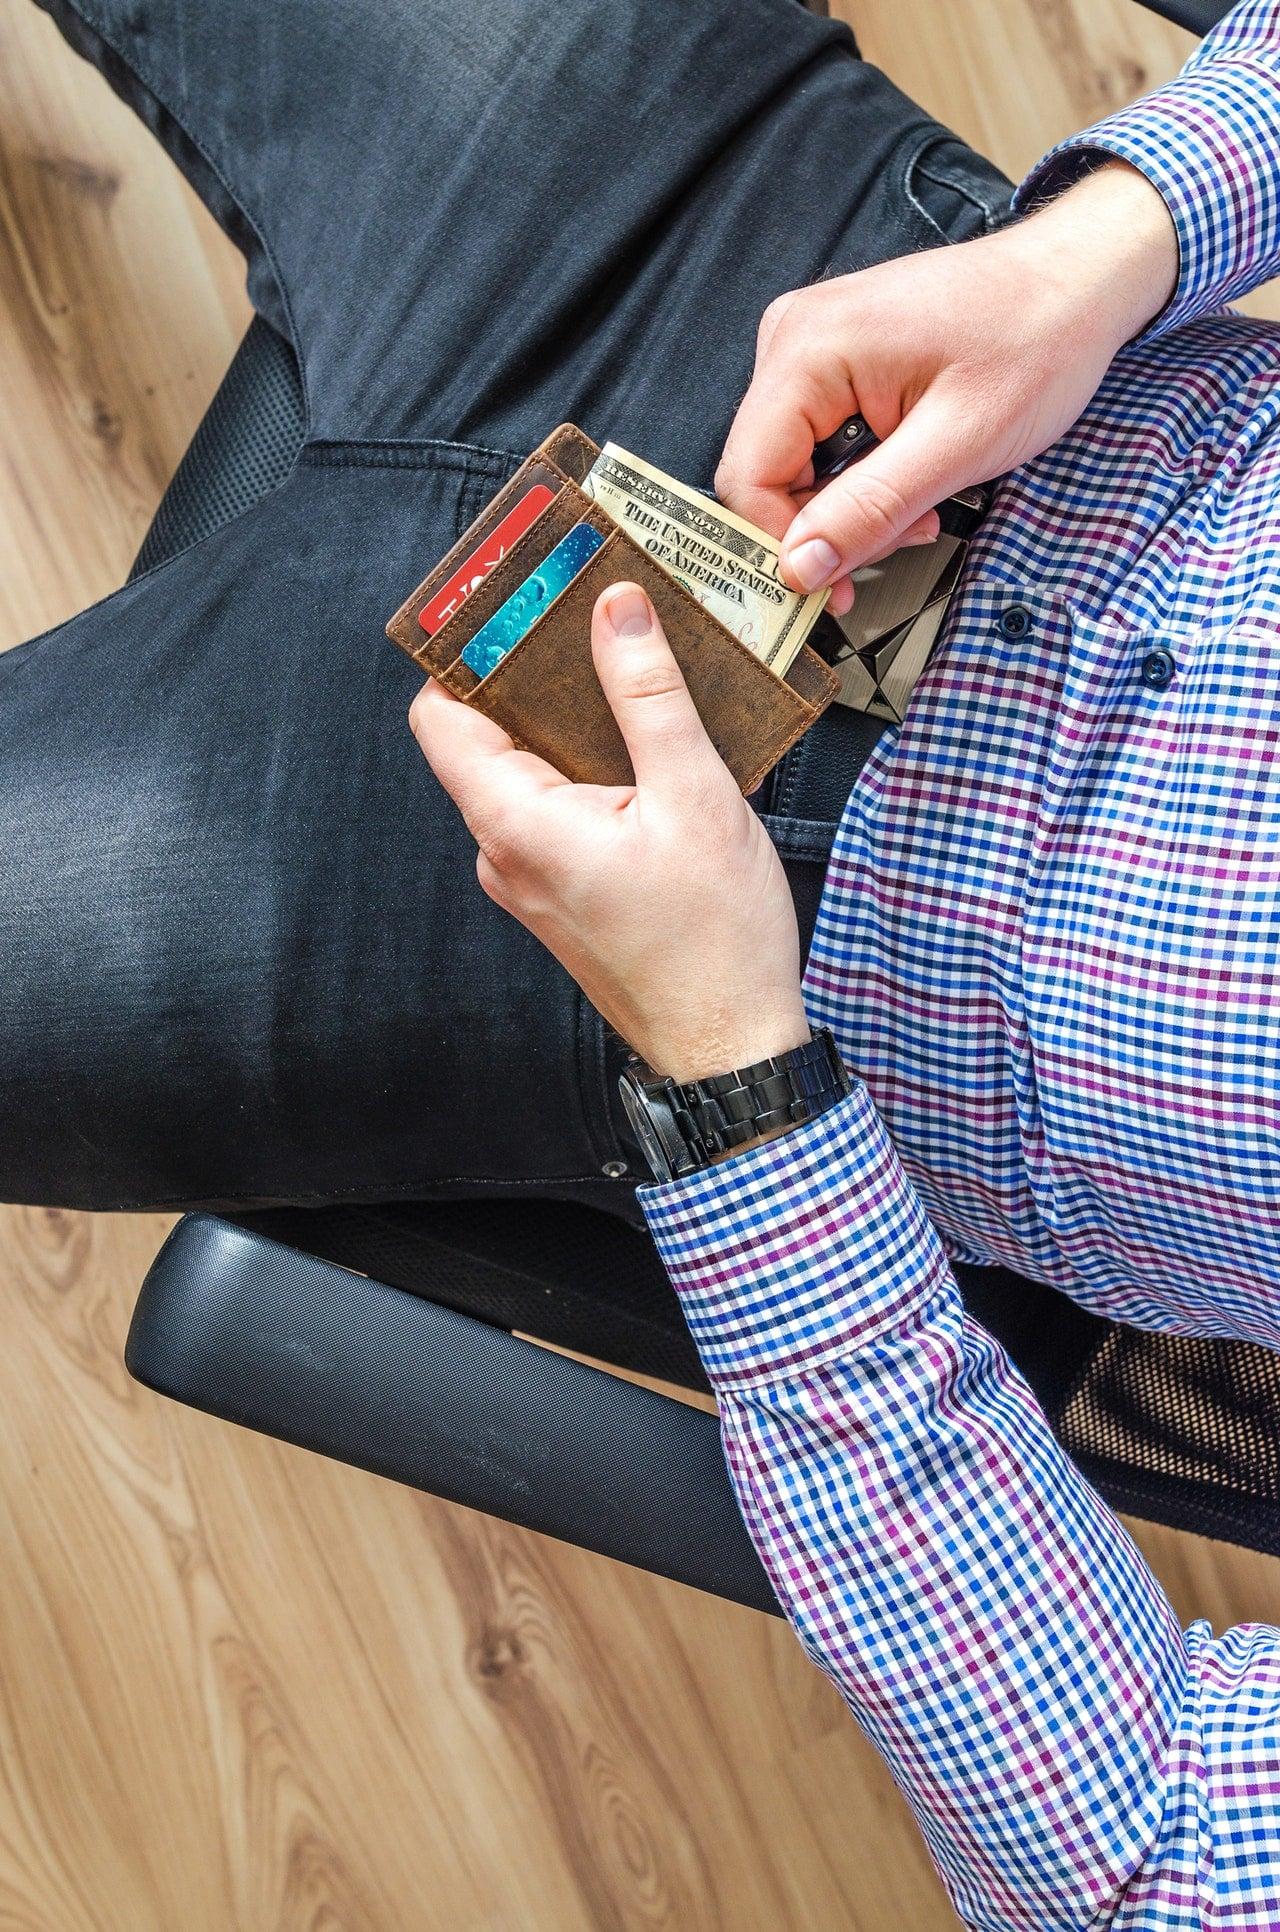 Tips Credit Repair Business Article Image